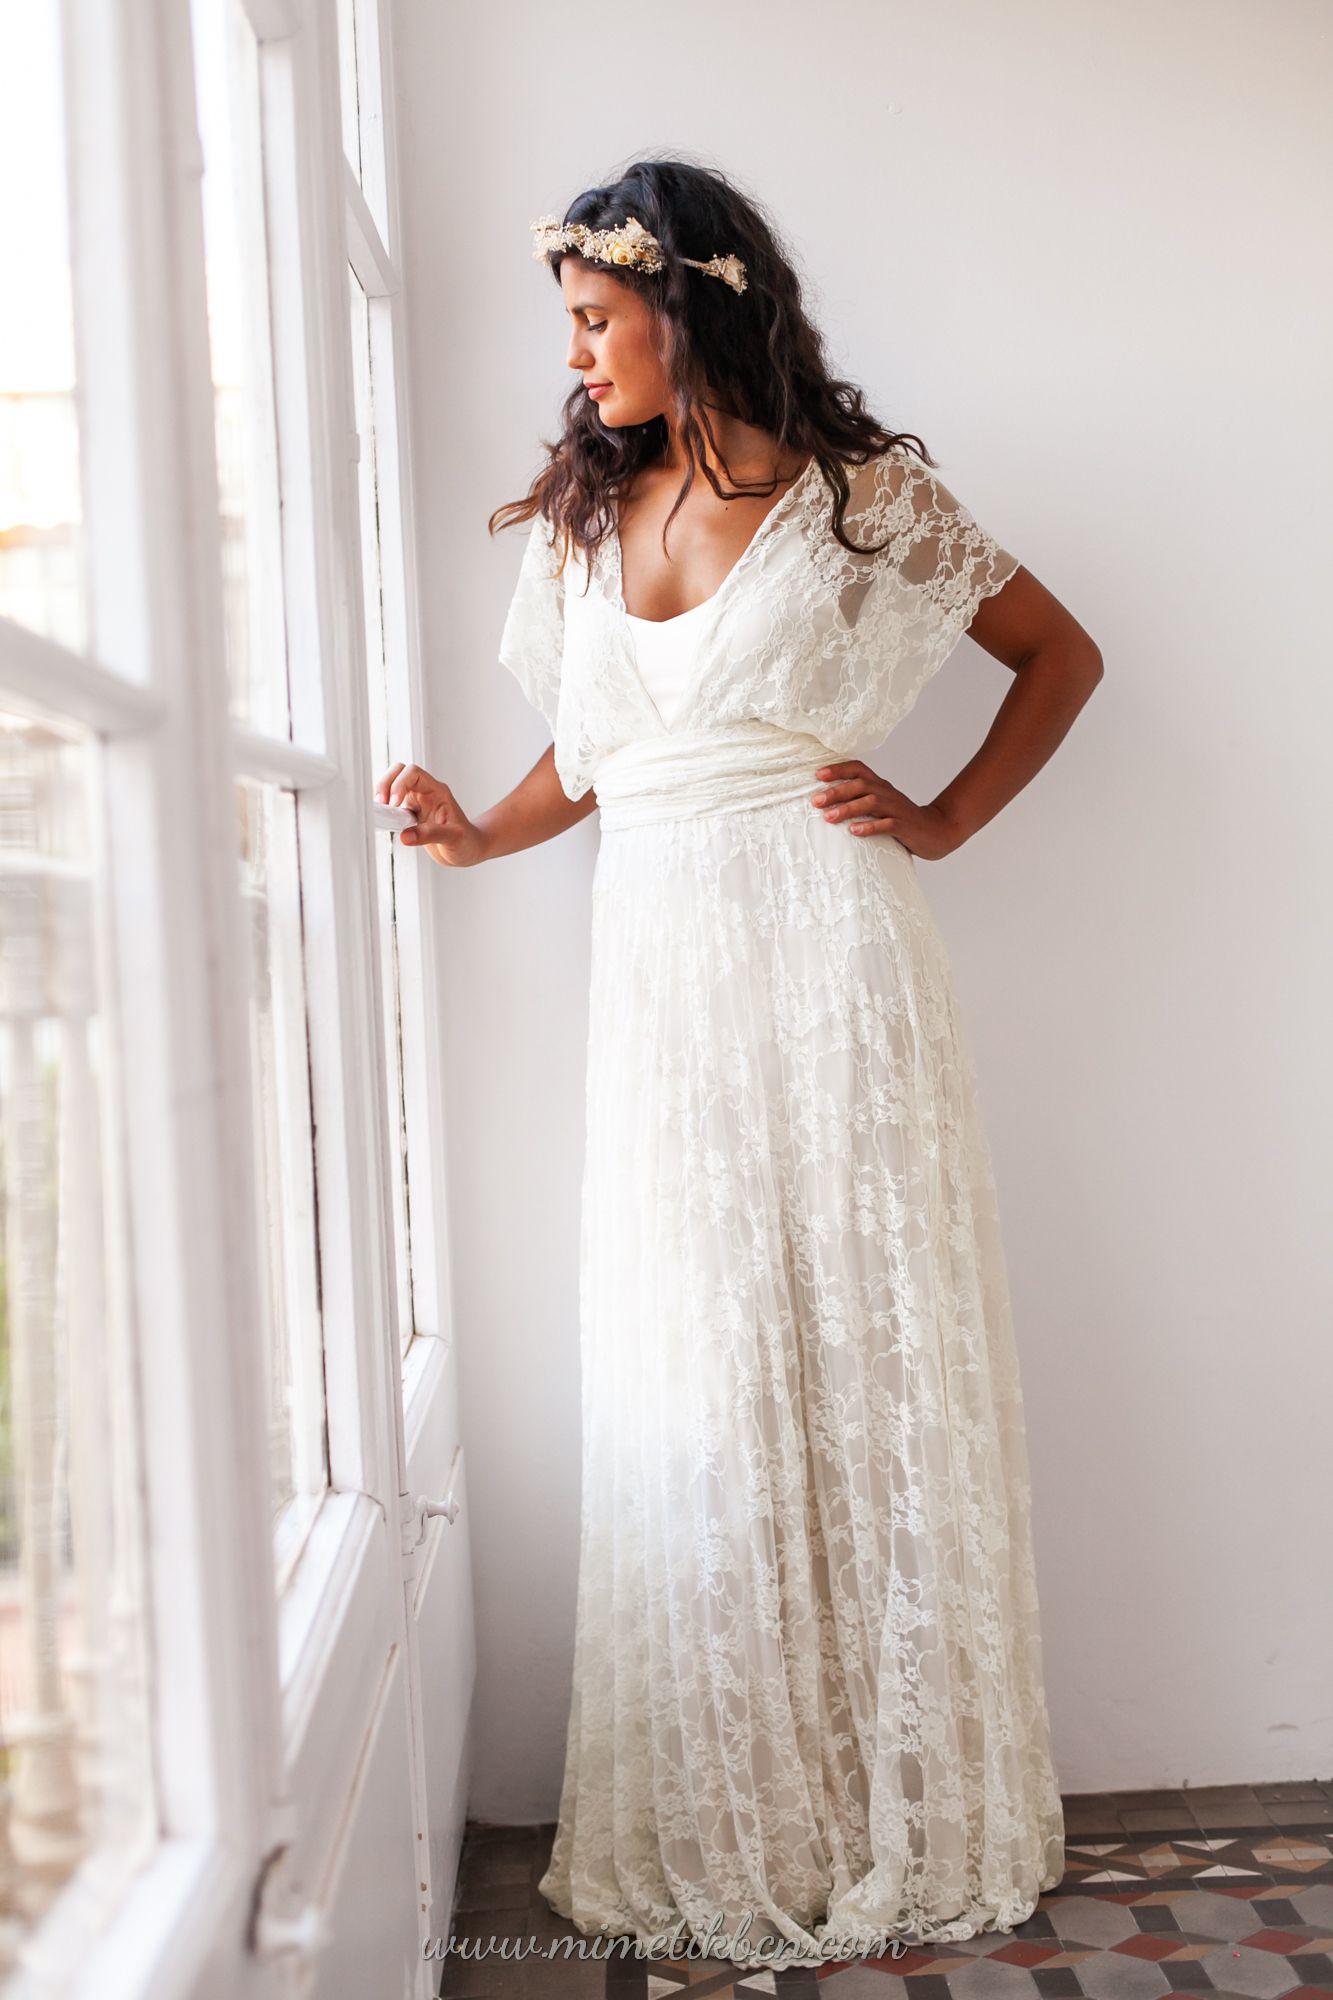 Grecian Wedding Dress Grecian Goddess Dress Soft Lace Etsy Simple Wedding Dress Casual Grecian Wedding Grecian Wedding Dress [ 2000 x 1333 Pixel ]